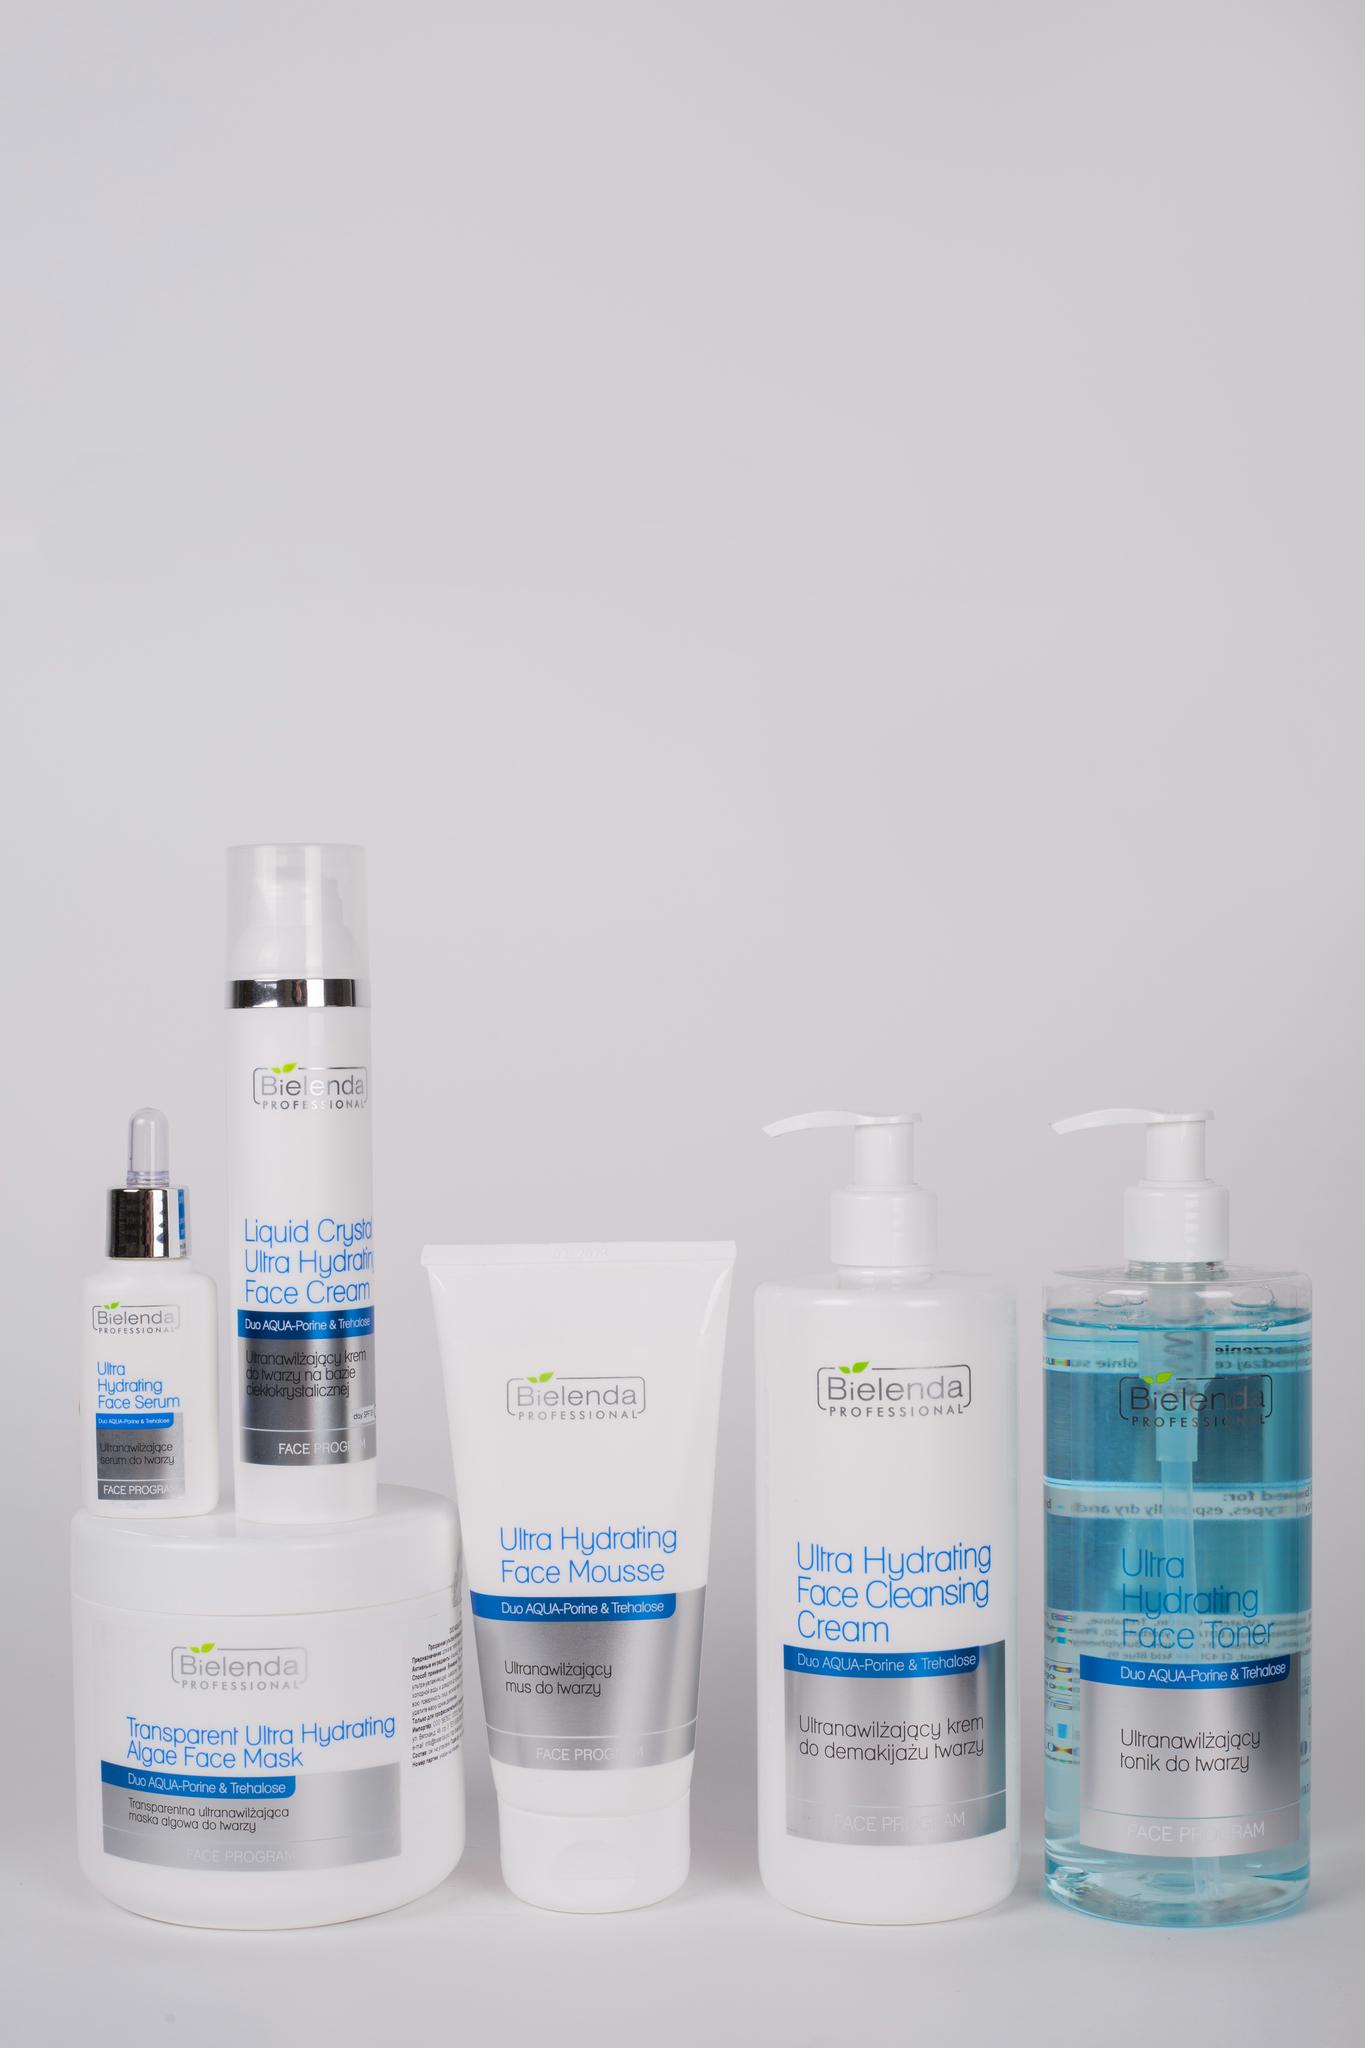 DUO AQUA PORIN & TREHALOSE Ультра-увлажняющий крем для снятия макияжа, 500 мл.